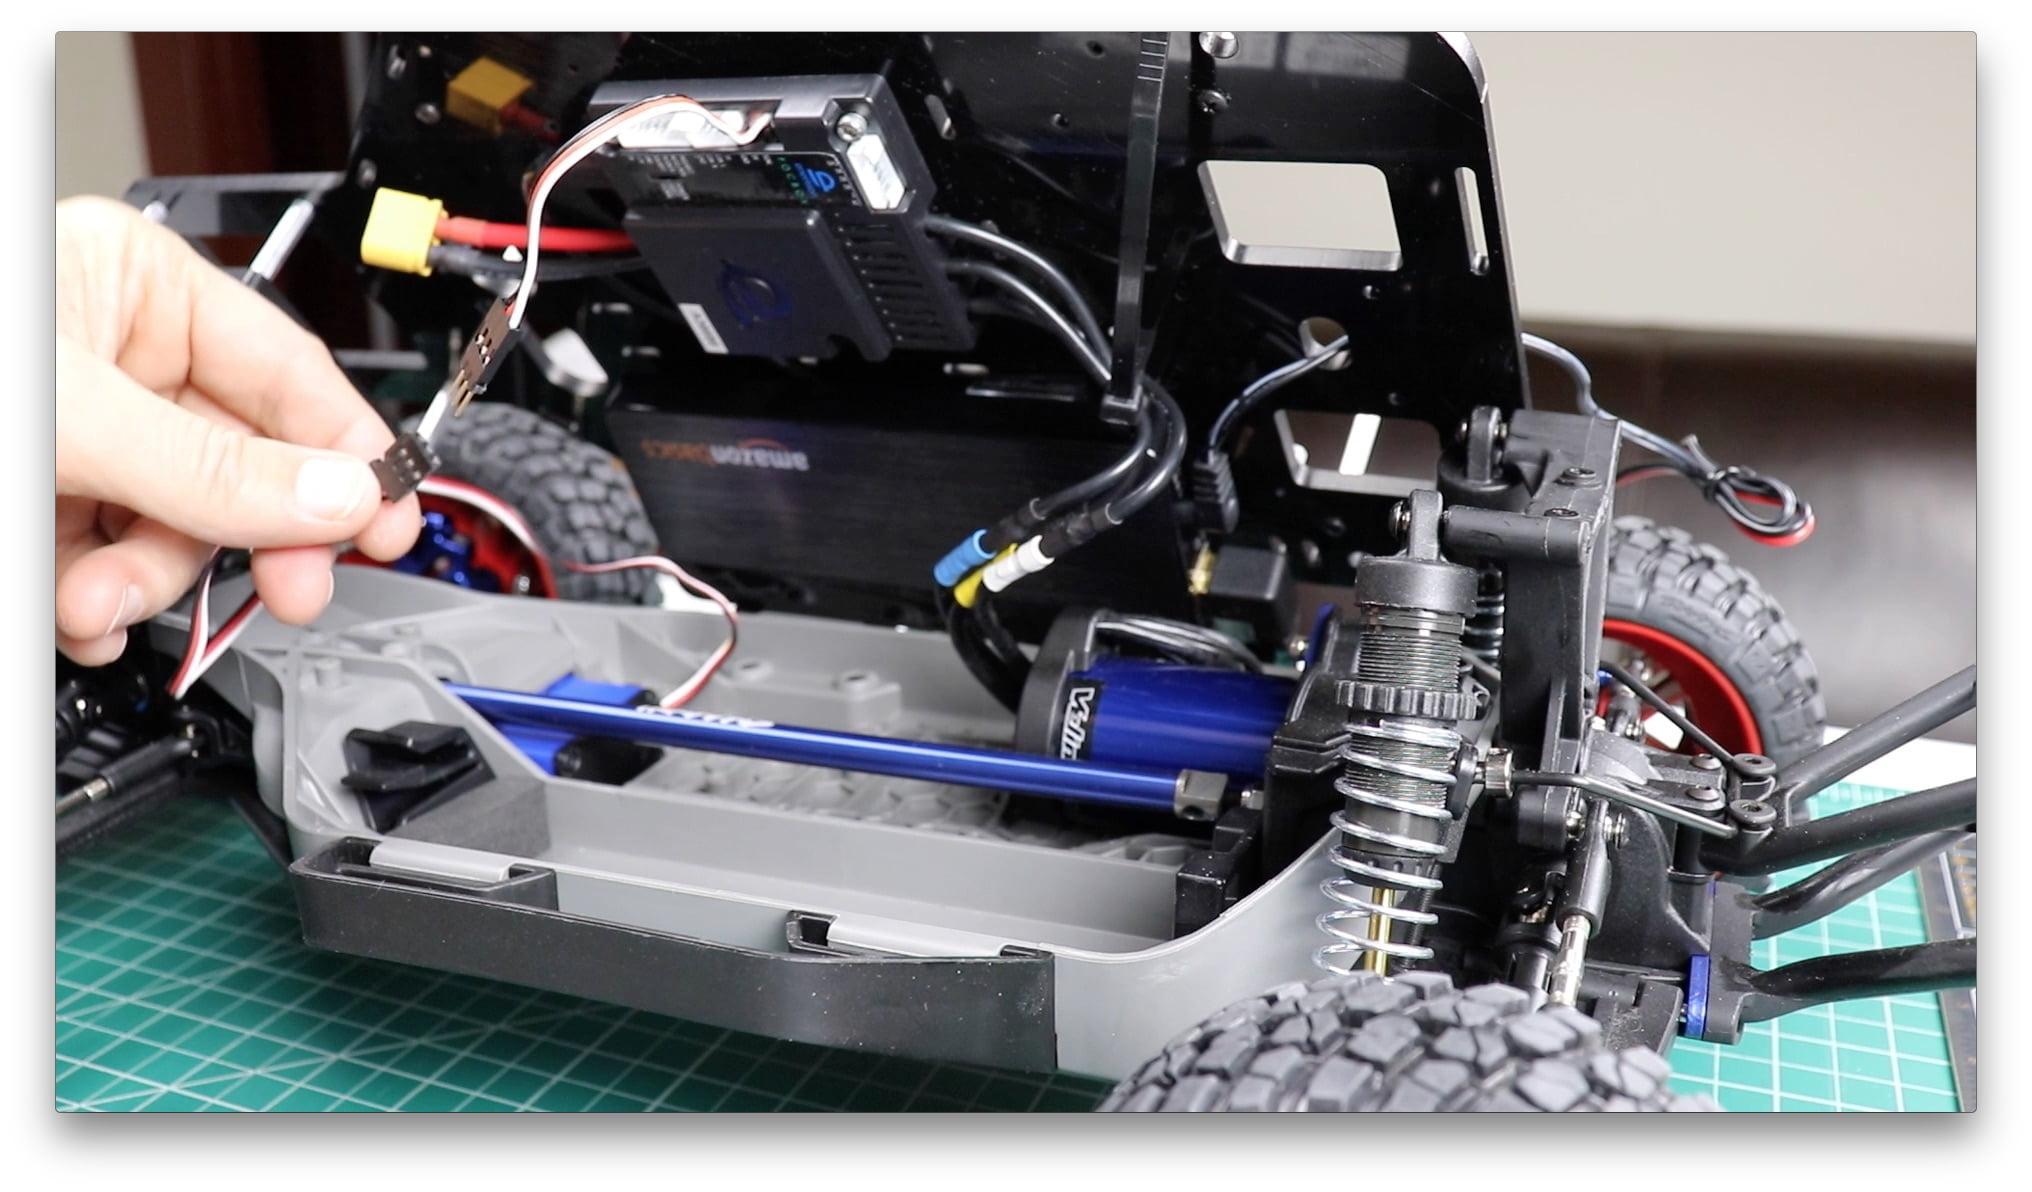 Attach Steering Servo Wires